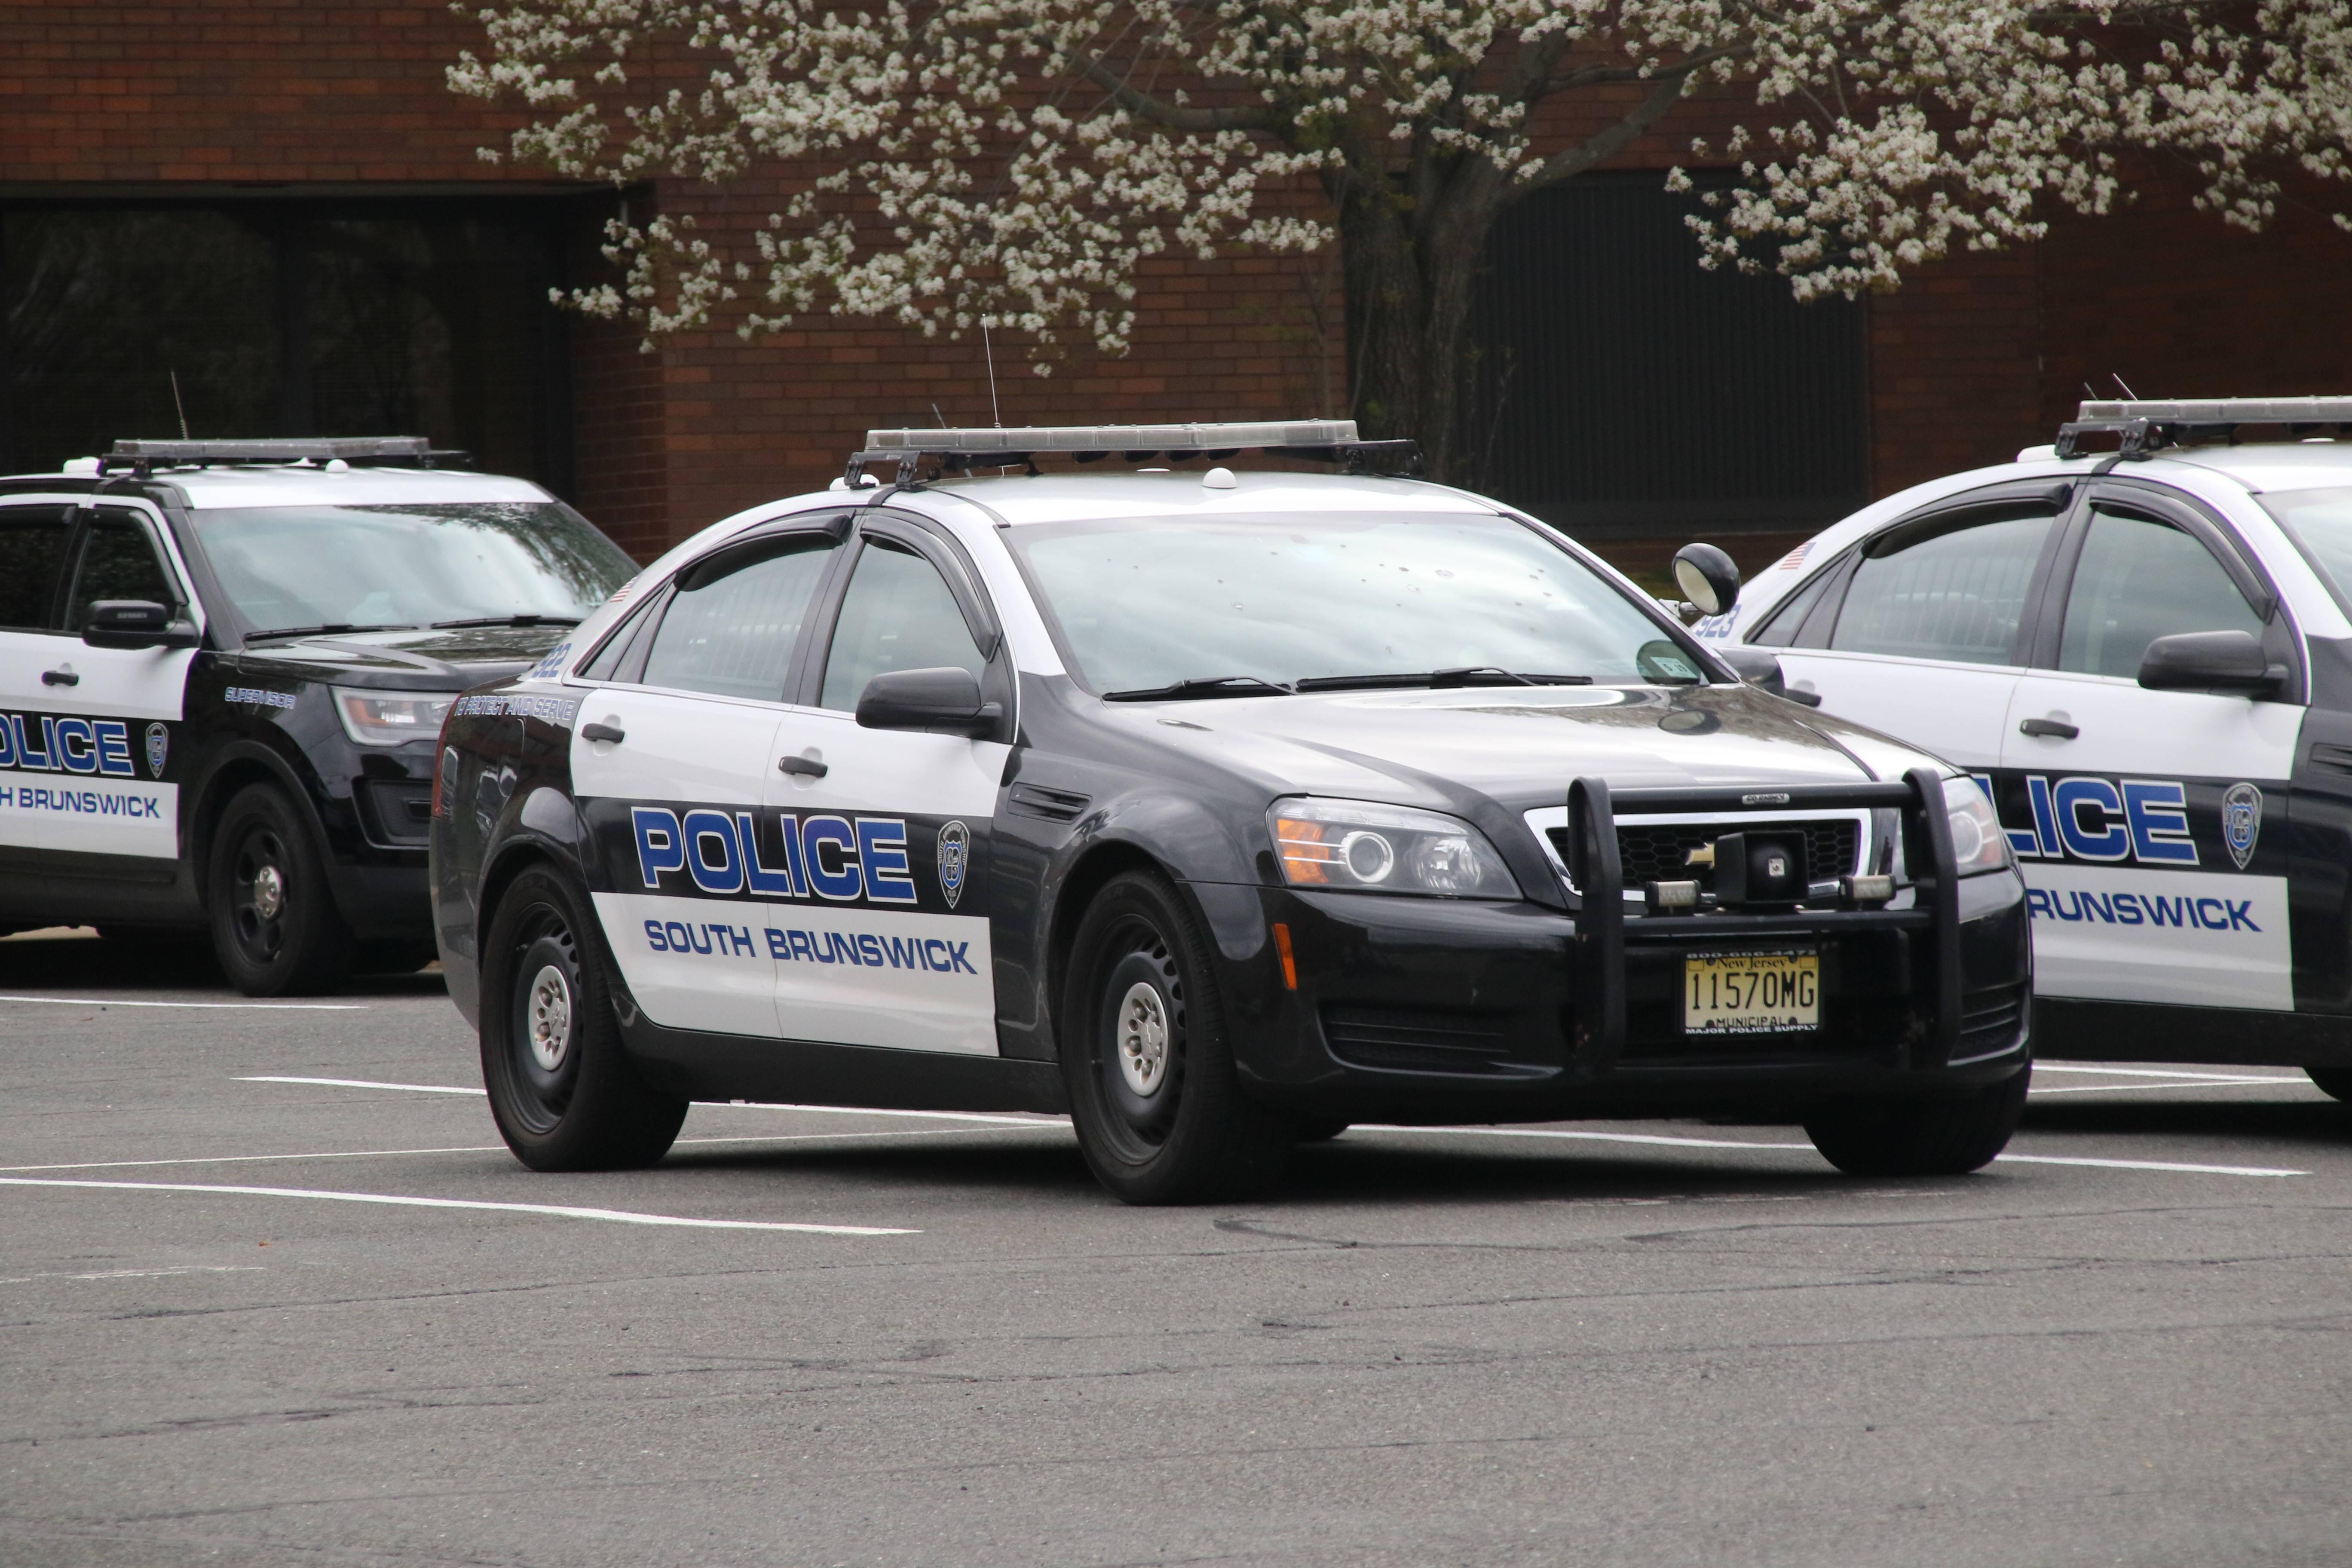 a7ae66f8567a2dccb690_sb_police_car.jpg